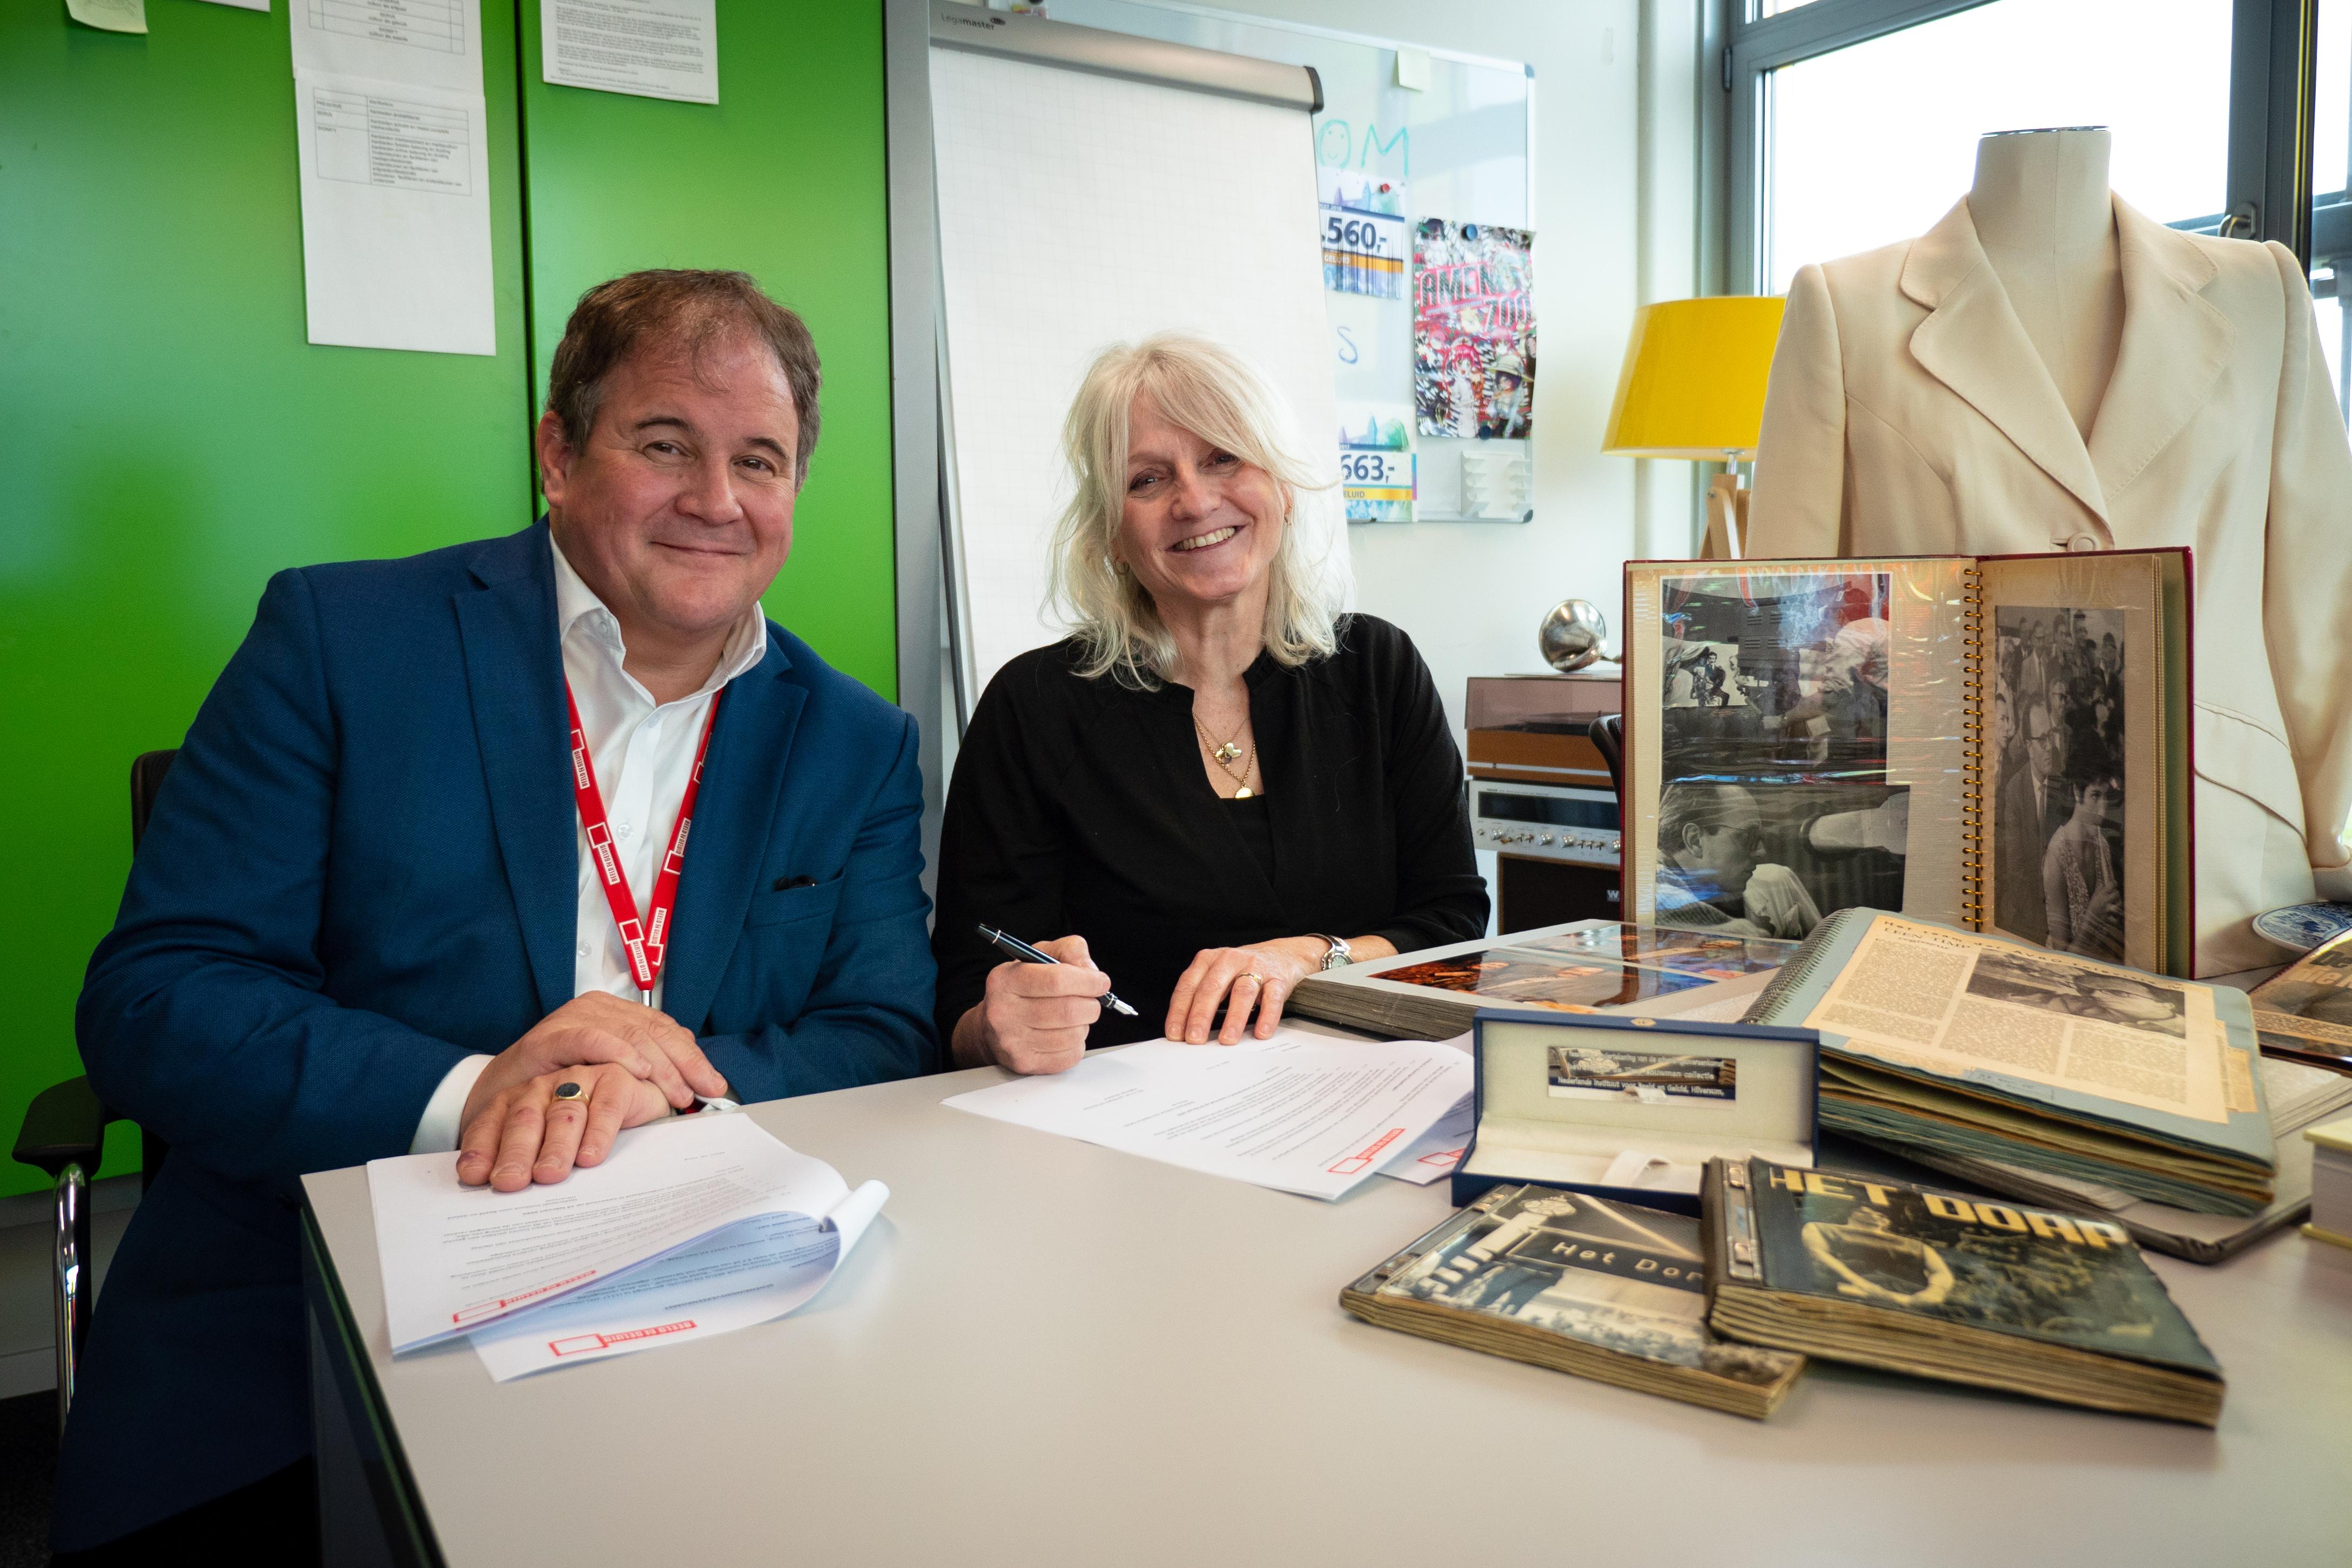 Eppo van Nispen tot Sevenaer ondertekent samen met Marieke Timp de schenkingsovereenkomst